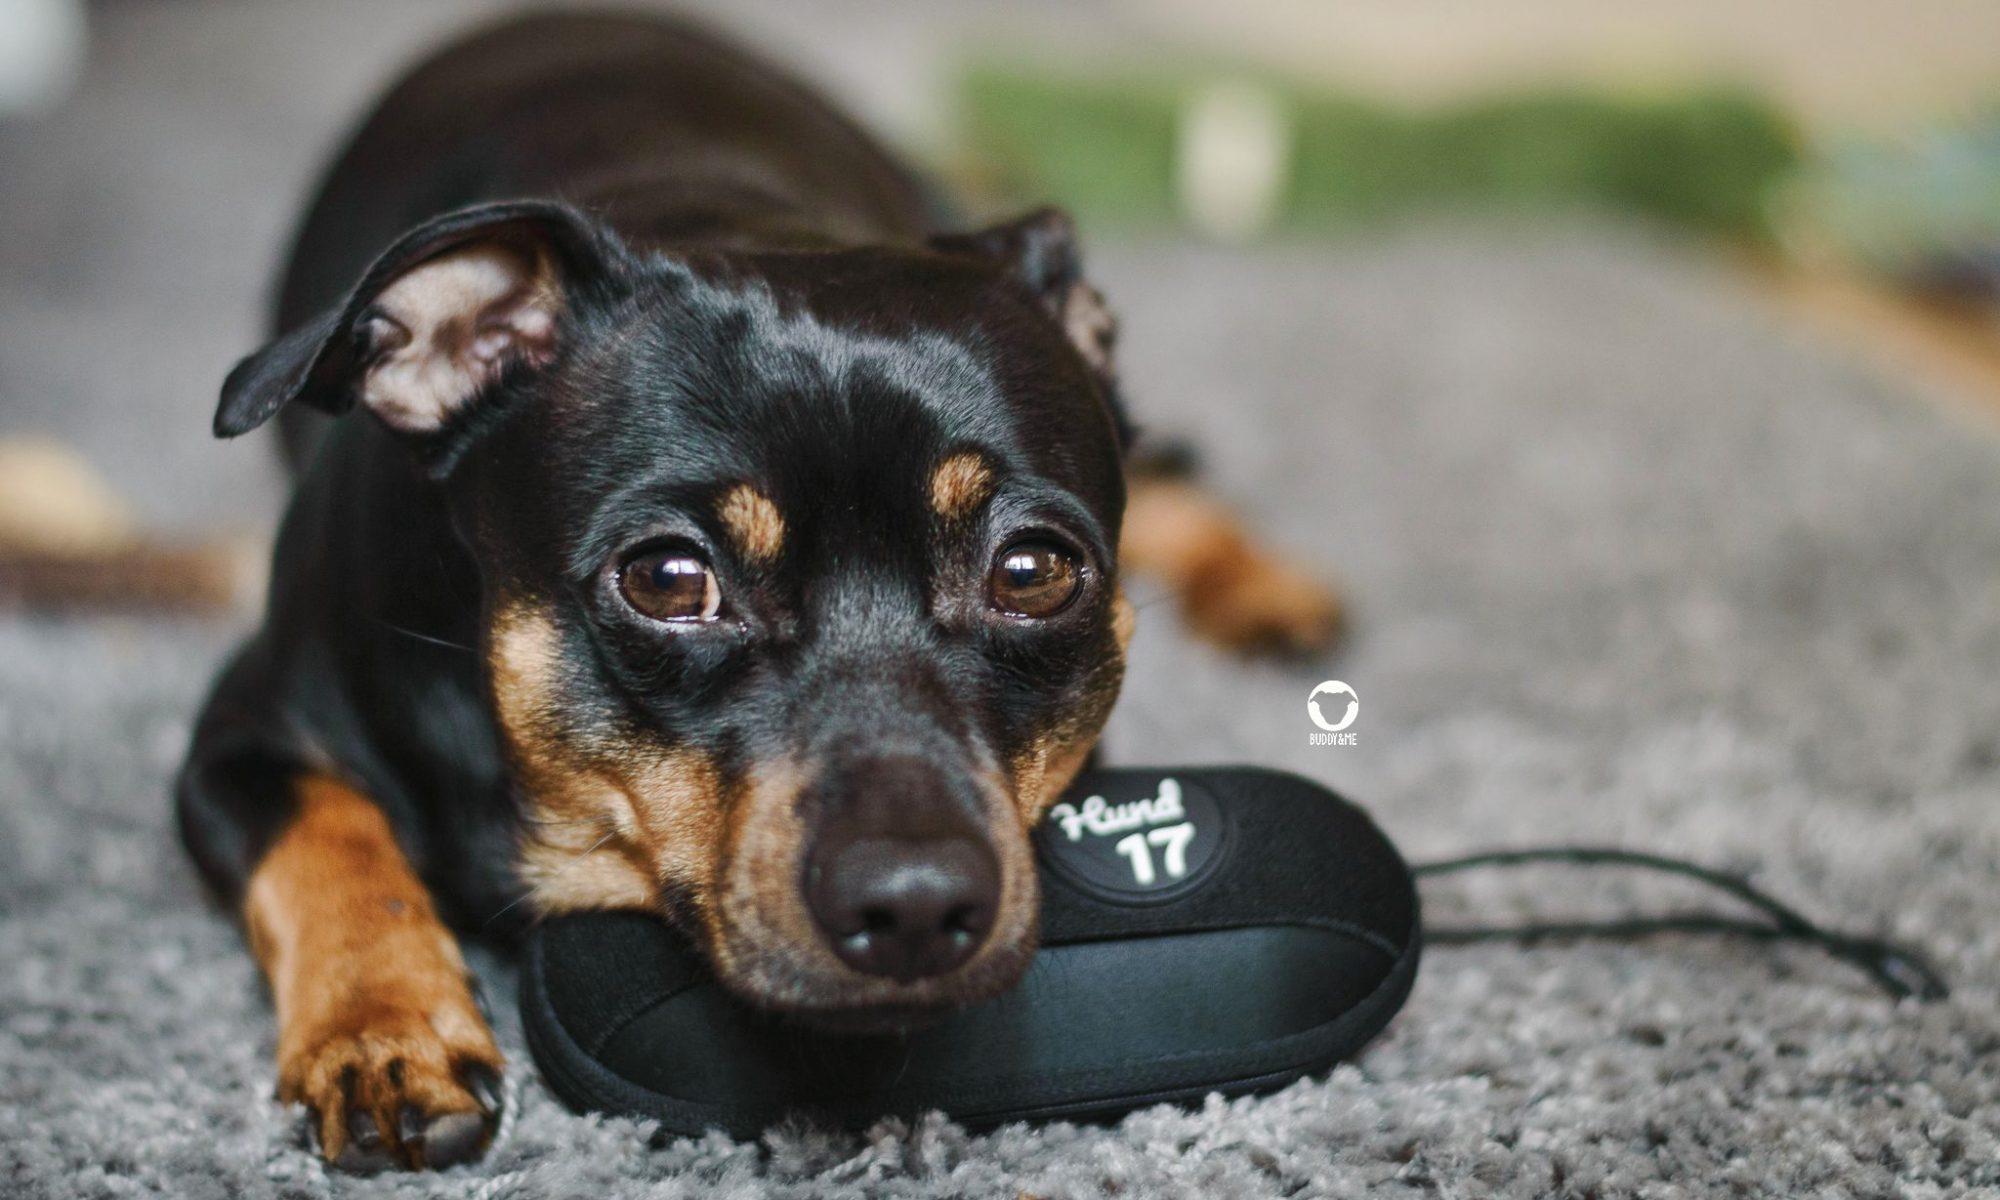 Pinscher Buddy, Buddy and Me, Hundeblog, Dogblog, Petfluencer, Kooperation, Produkt, Test, Tipp, Häufchenhelfer, klein, praktisch, schwarz